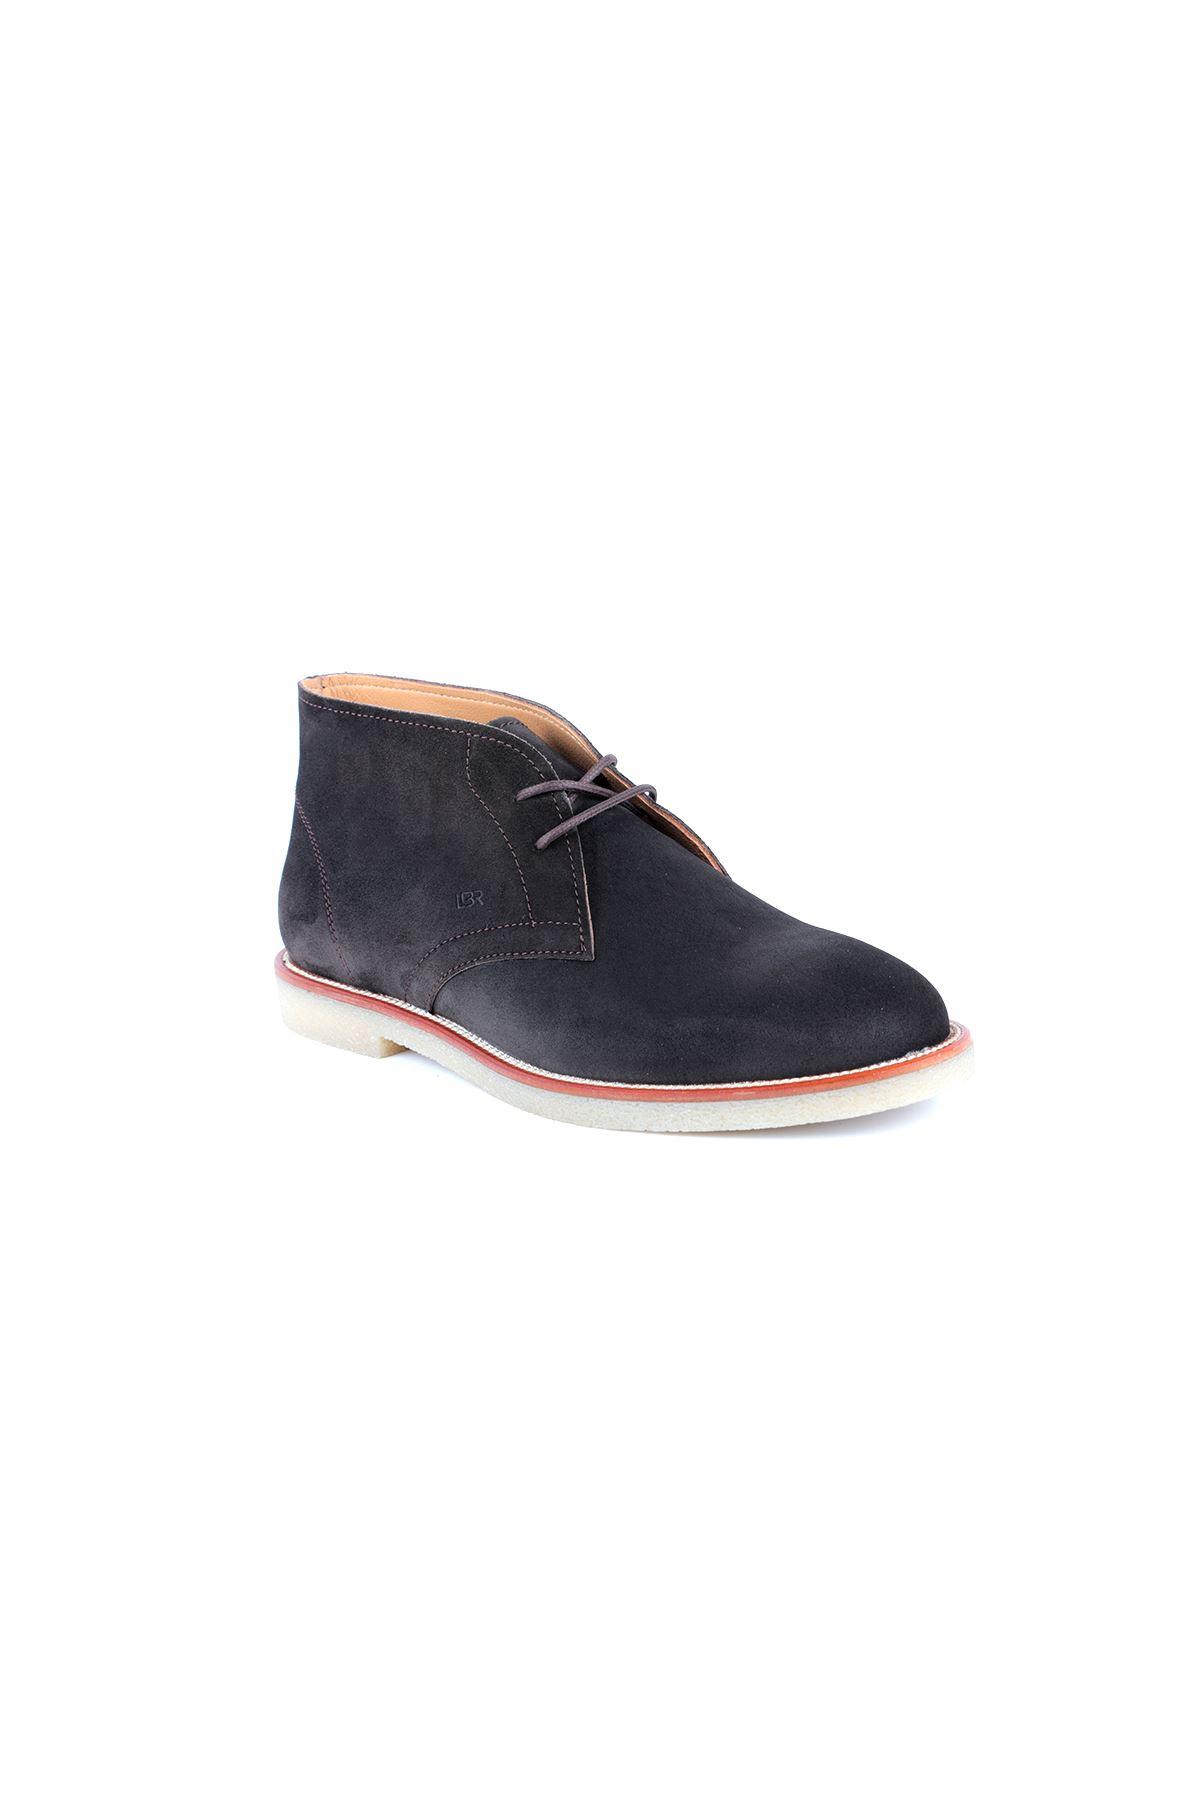 Libero L3686 Brown Men's Boots